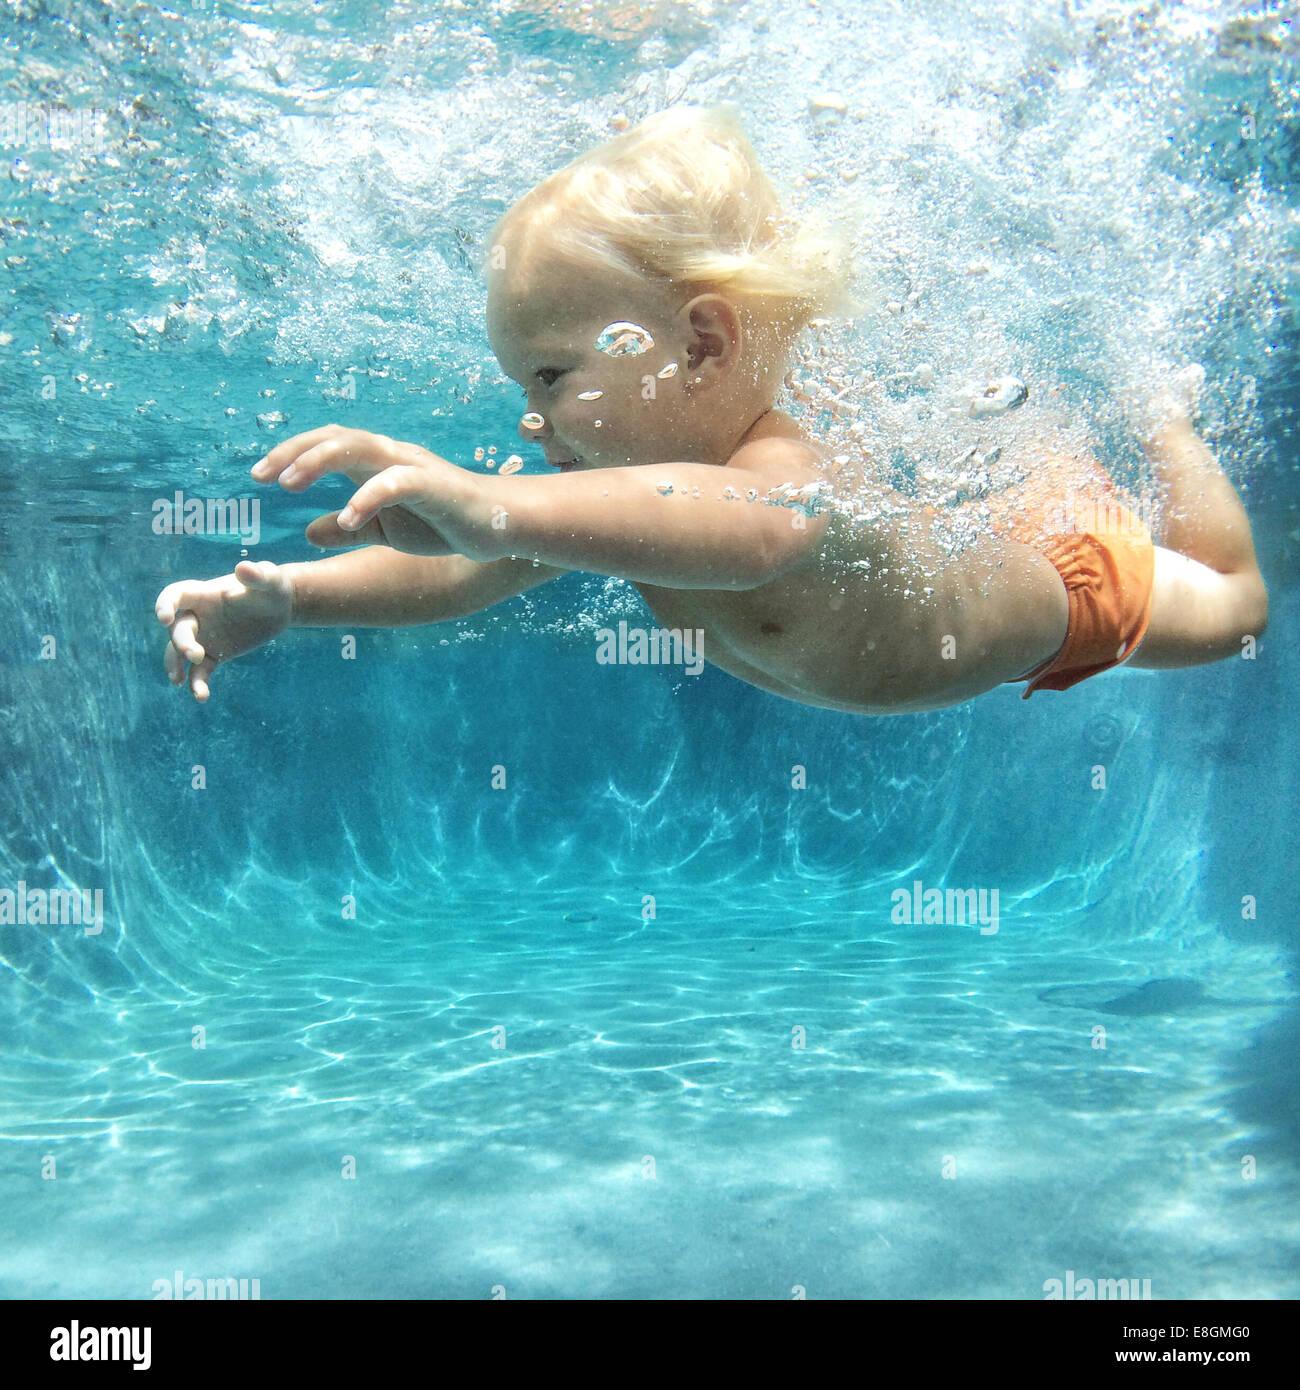 Boy swimming underwater Photo Stock